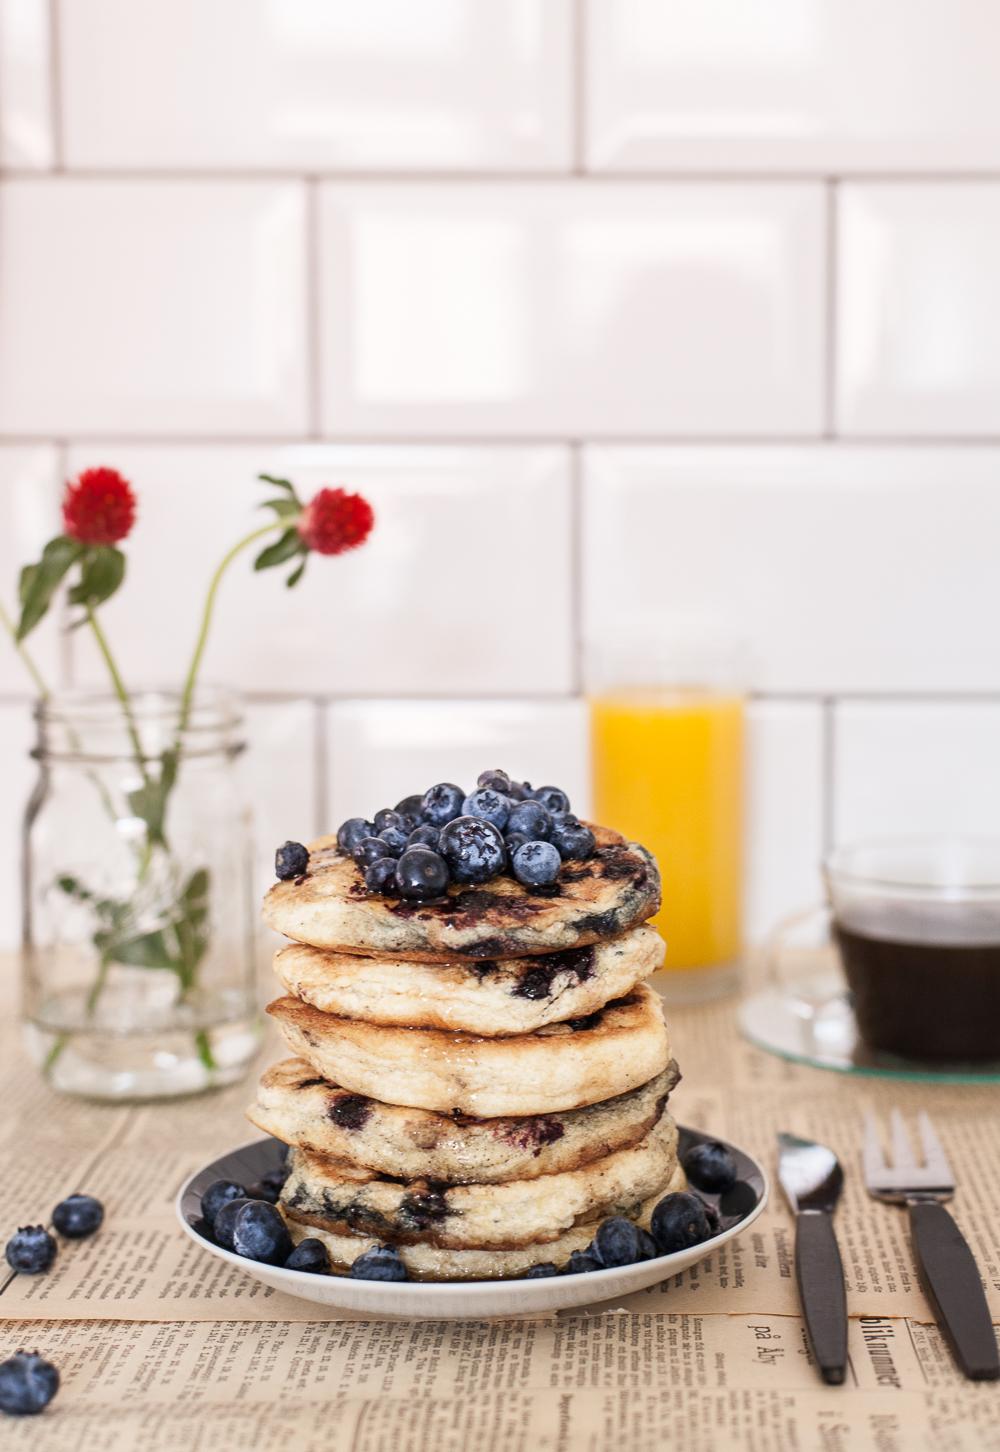 Frukost frÜn vÑrldens hîrn Foto Emily Dahl-20.jpg